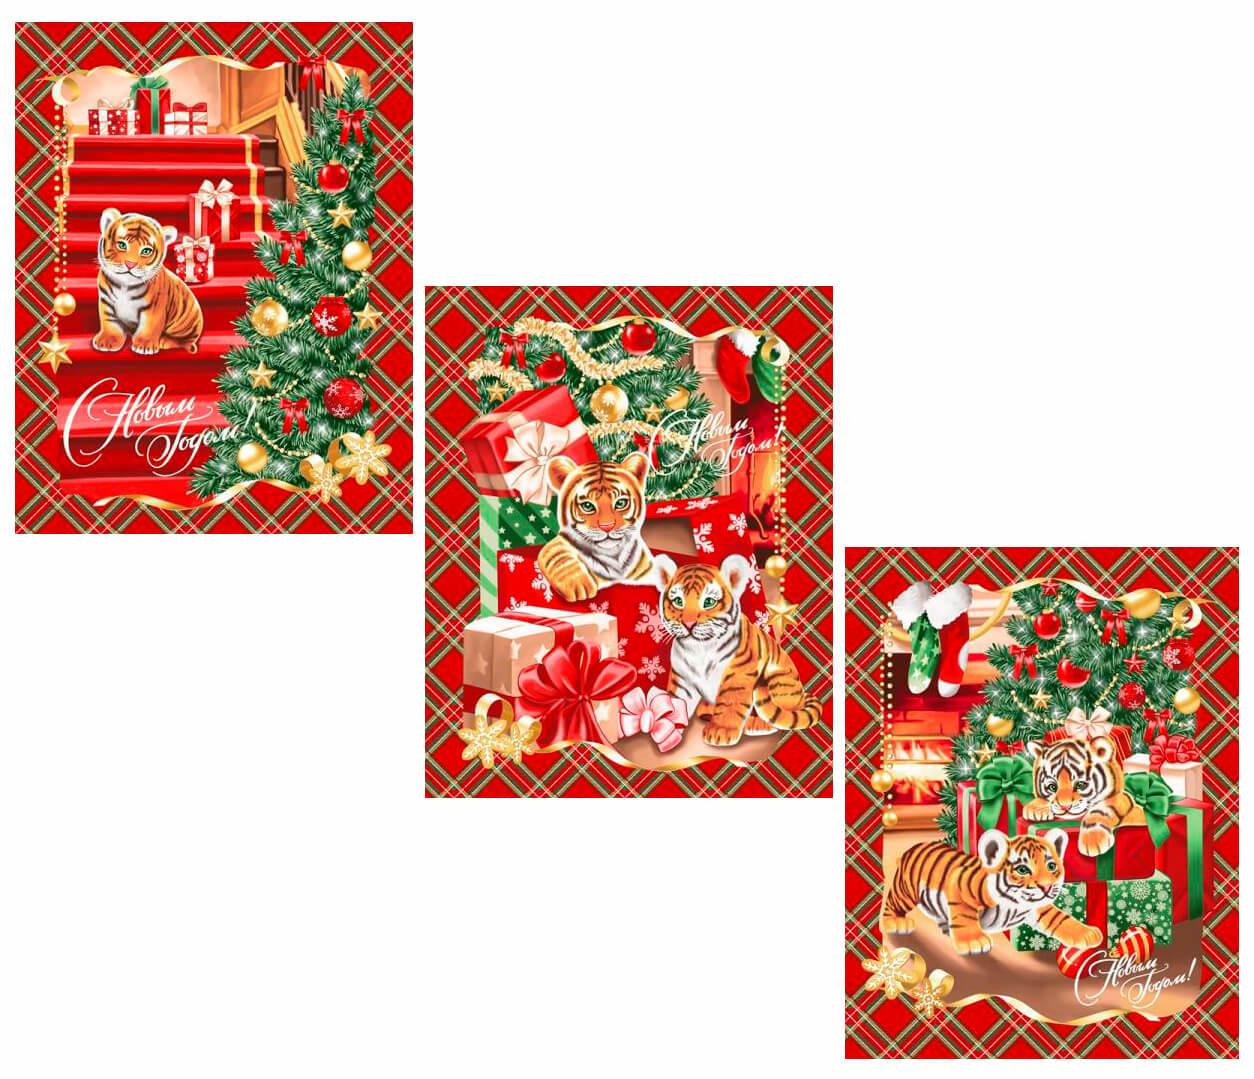 Комплект вафельных полотенец 48*60 см, 3 штуки (Фаворит года, красный)